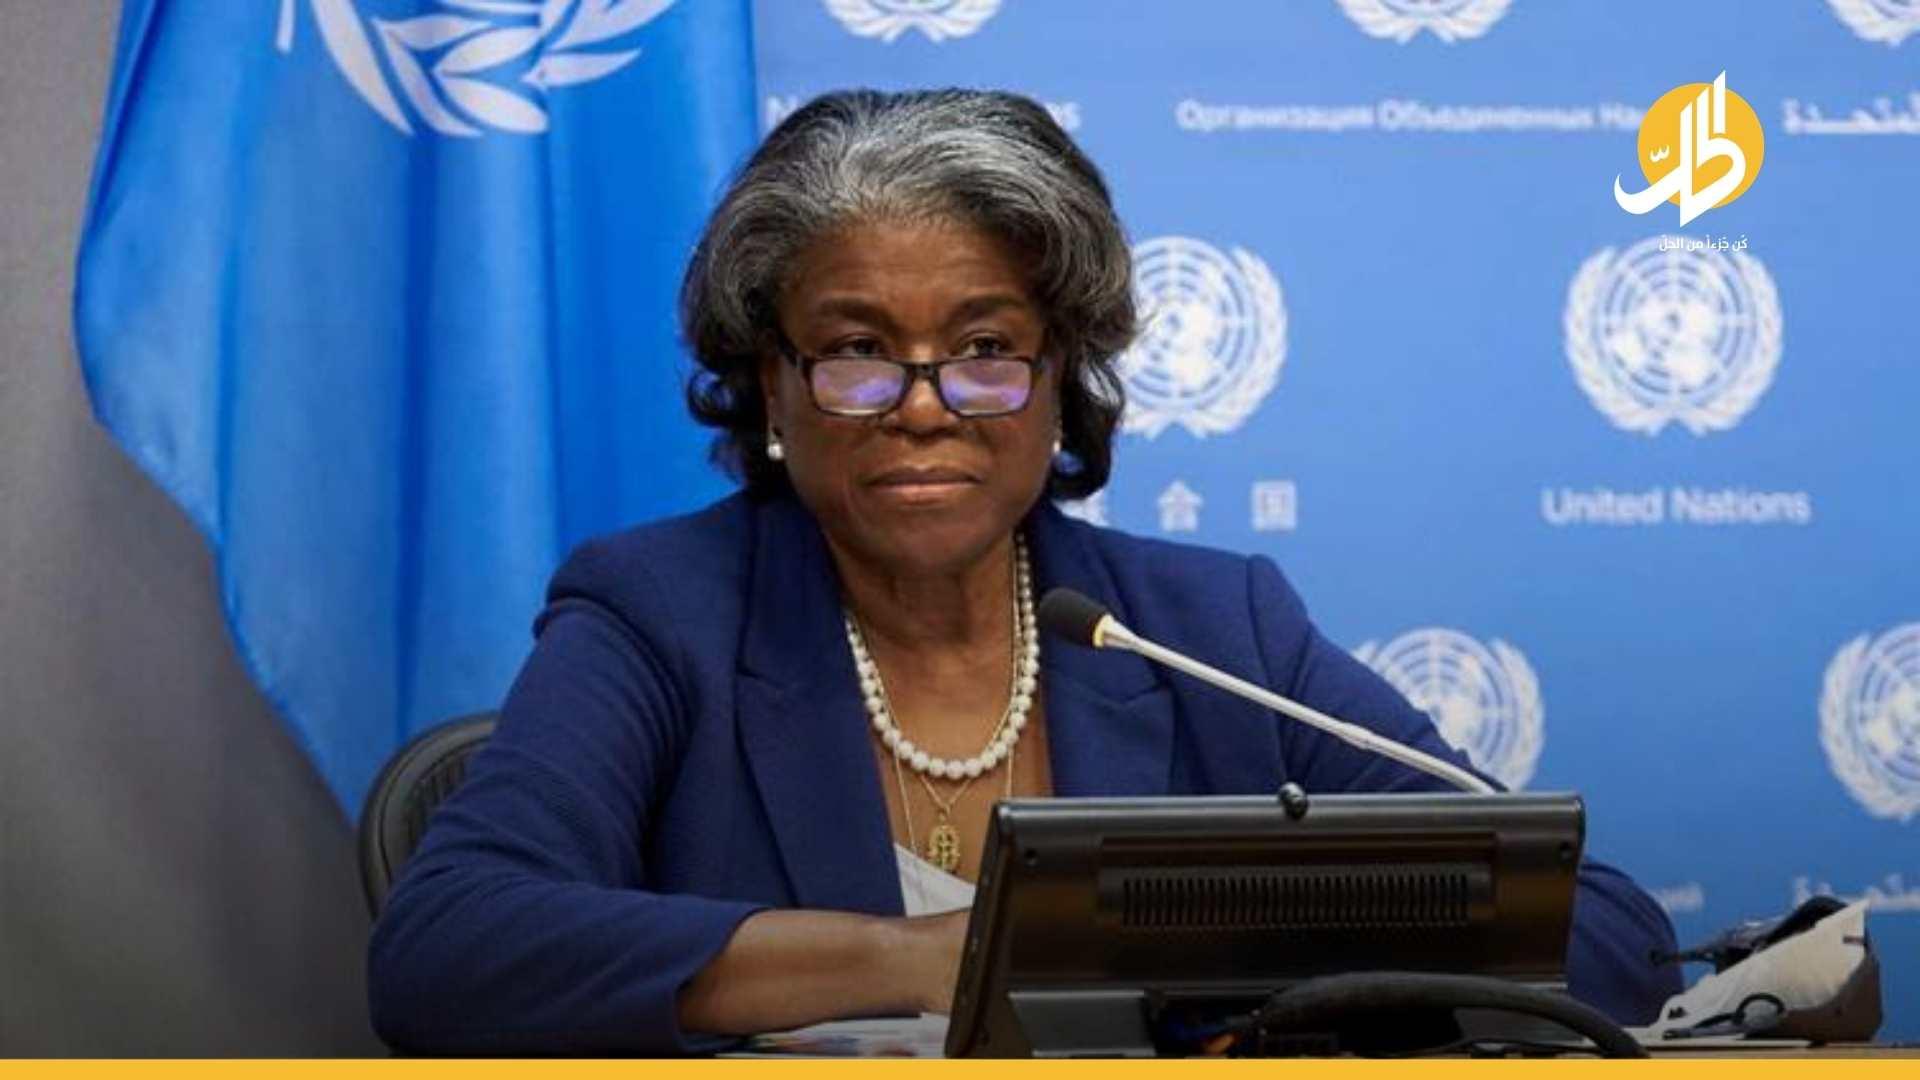 سفيرة أميركا لدى الأمم المتحدة تستنكر القصف التركي لمخمور: انتهاكٌ للقانون الدولي والإنساني